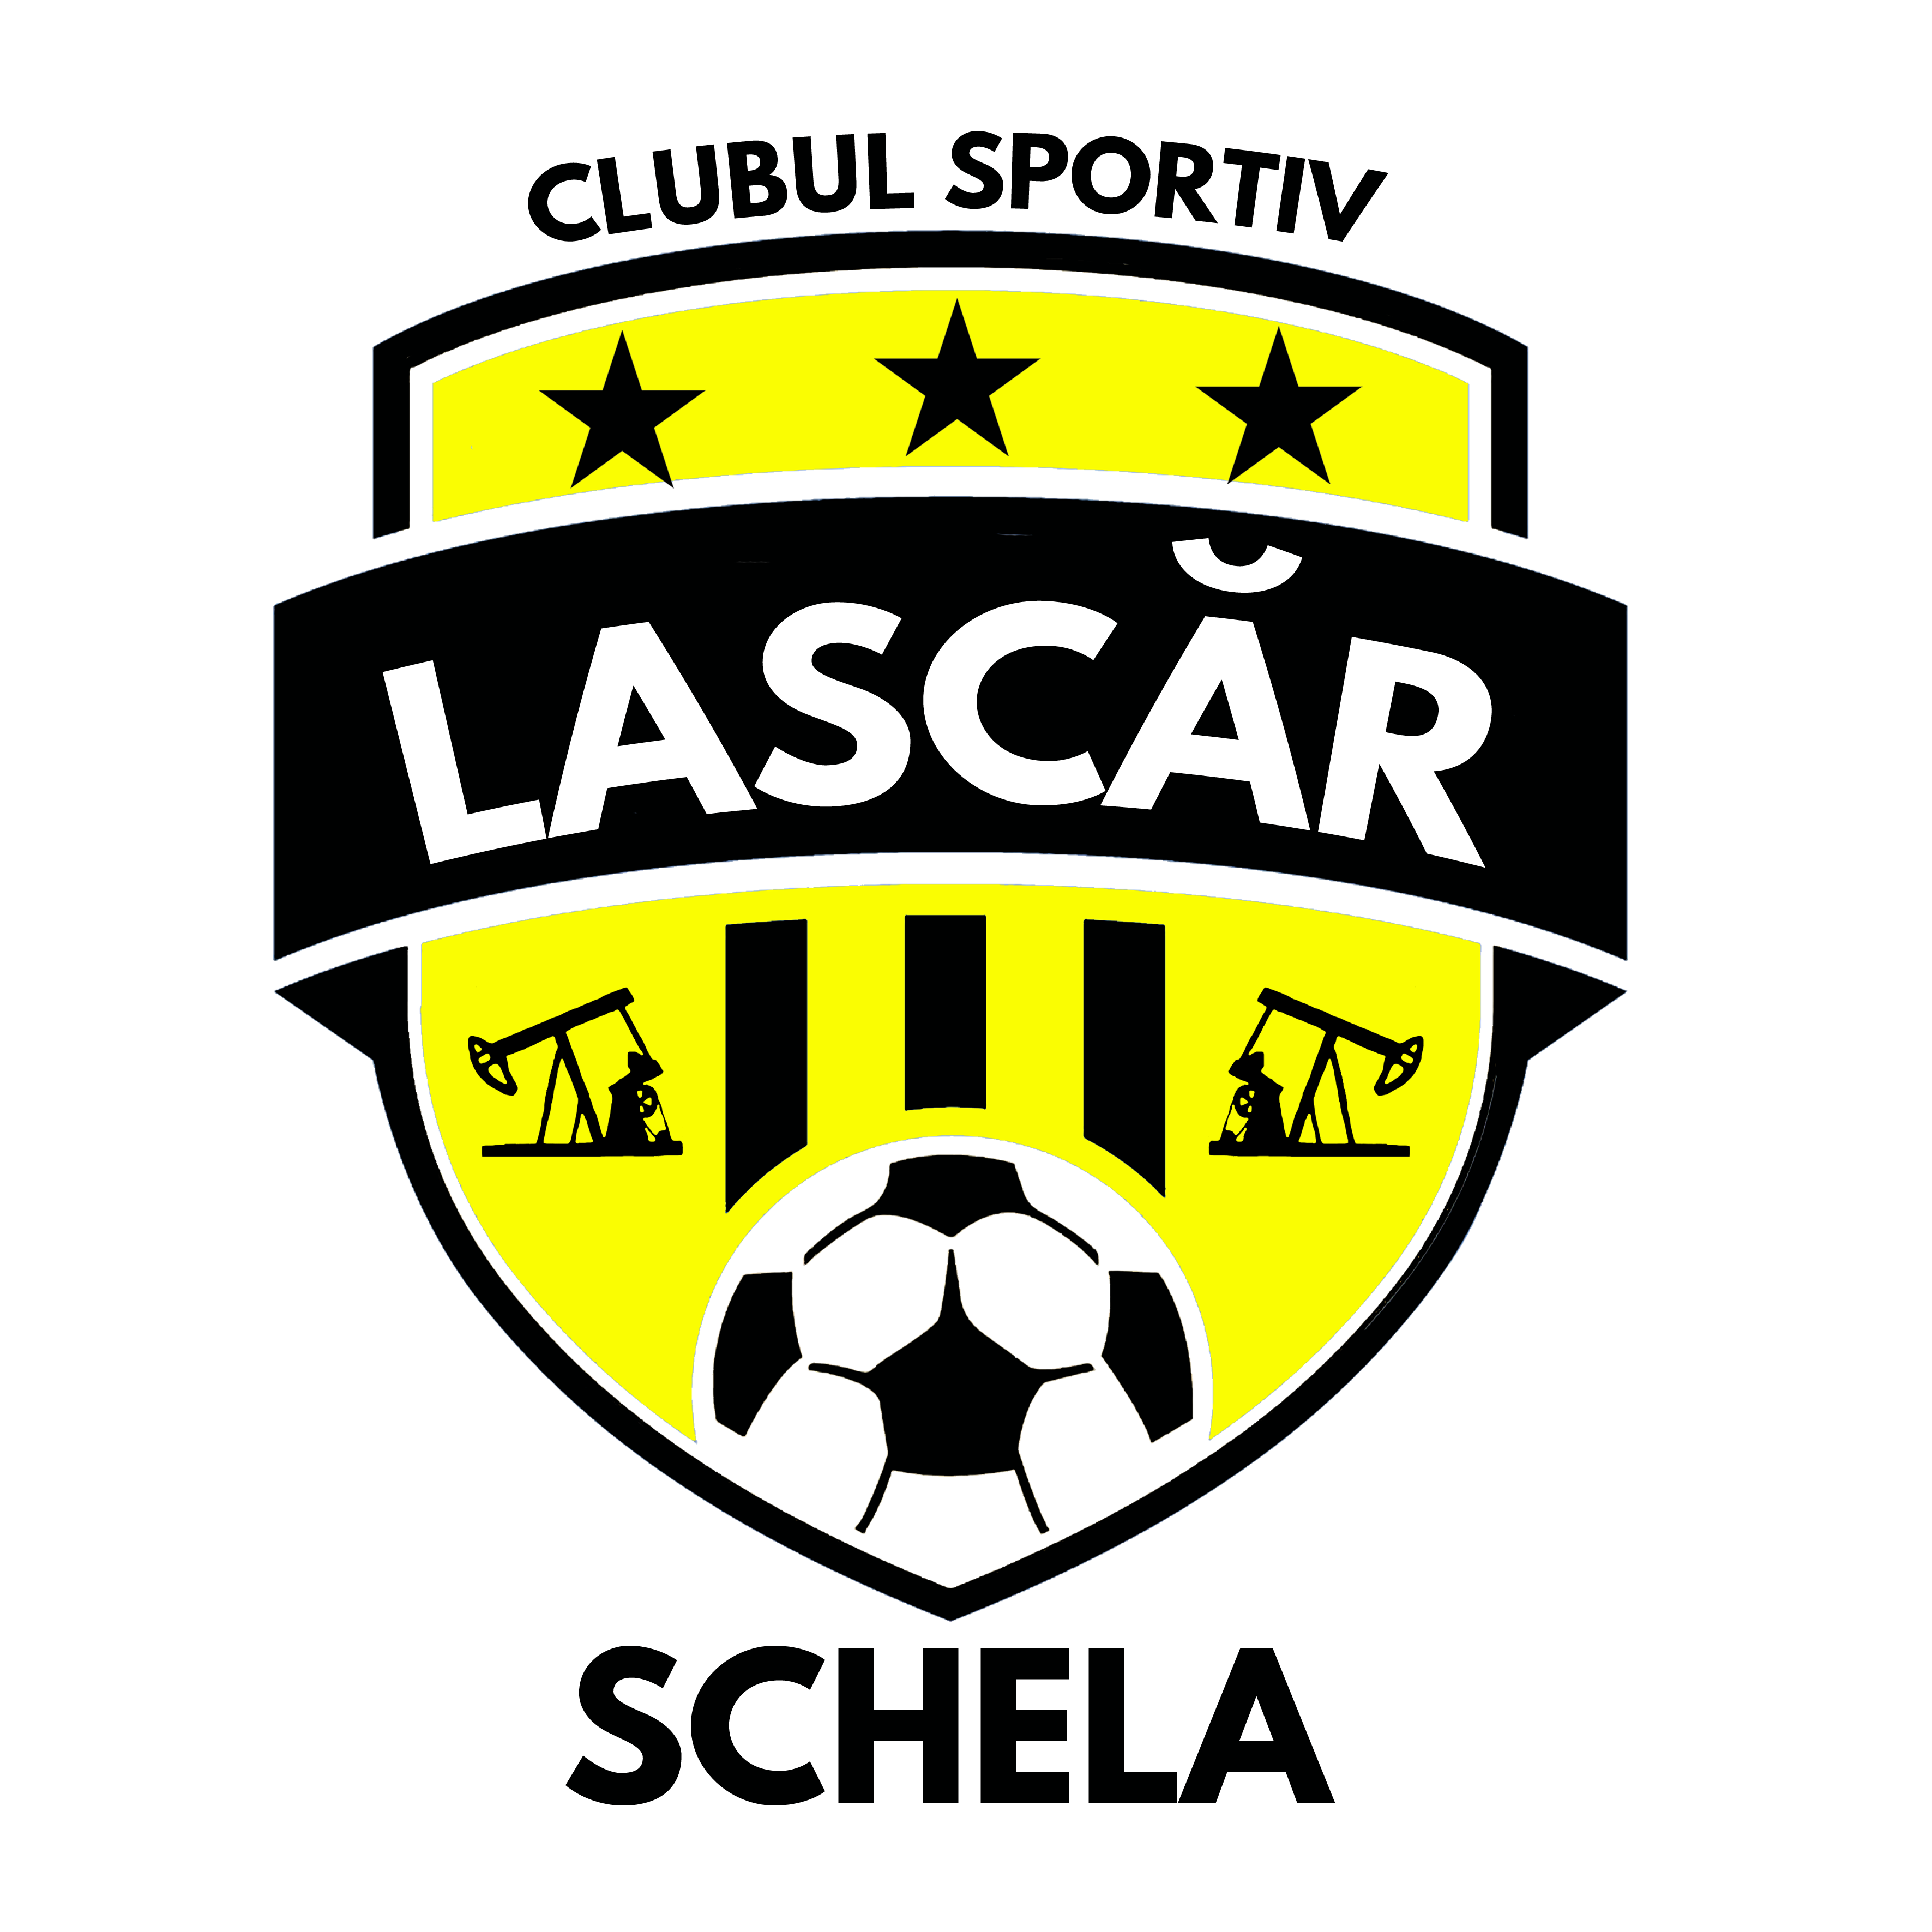 ACS Lascar Schela